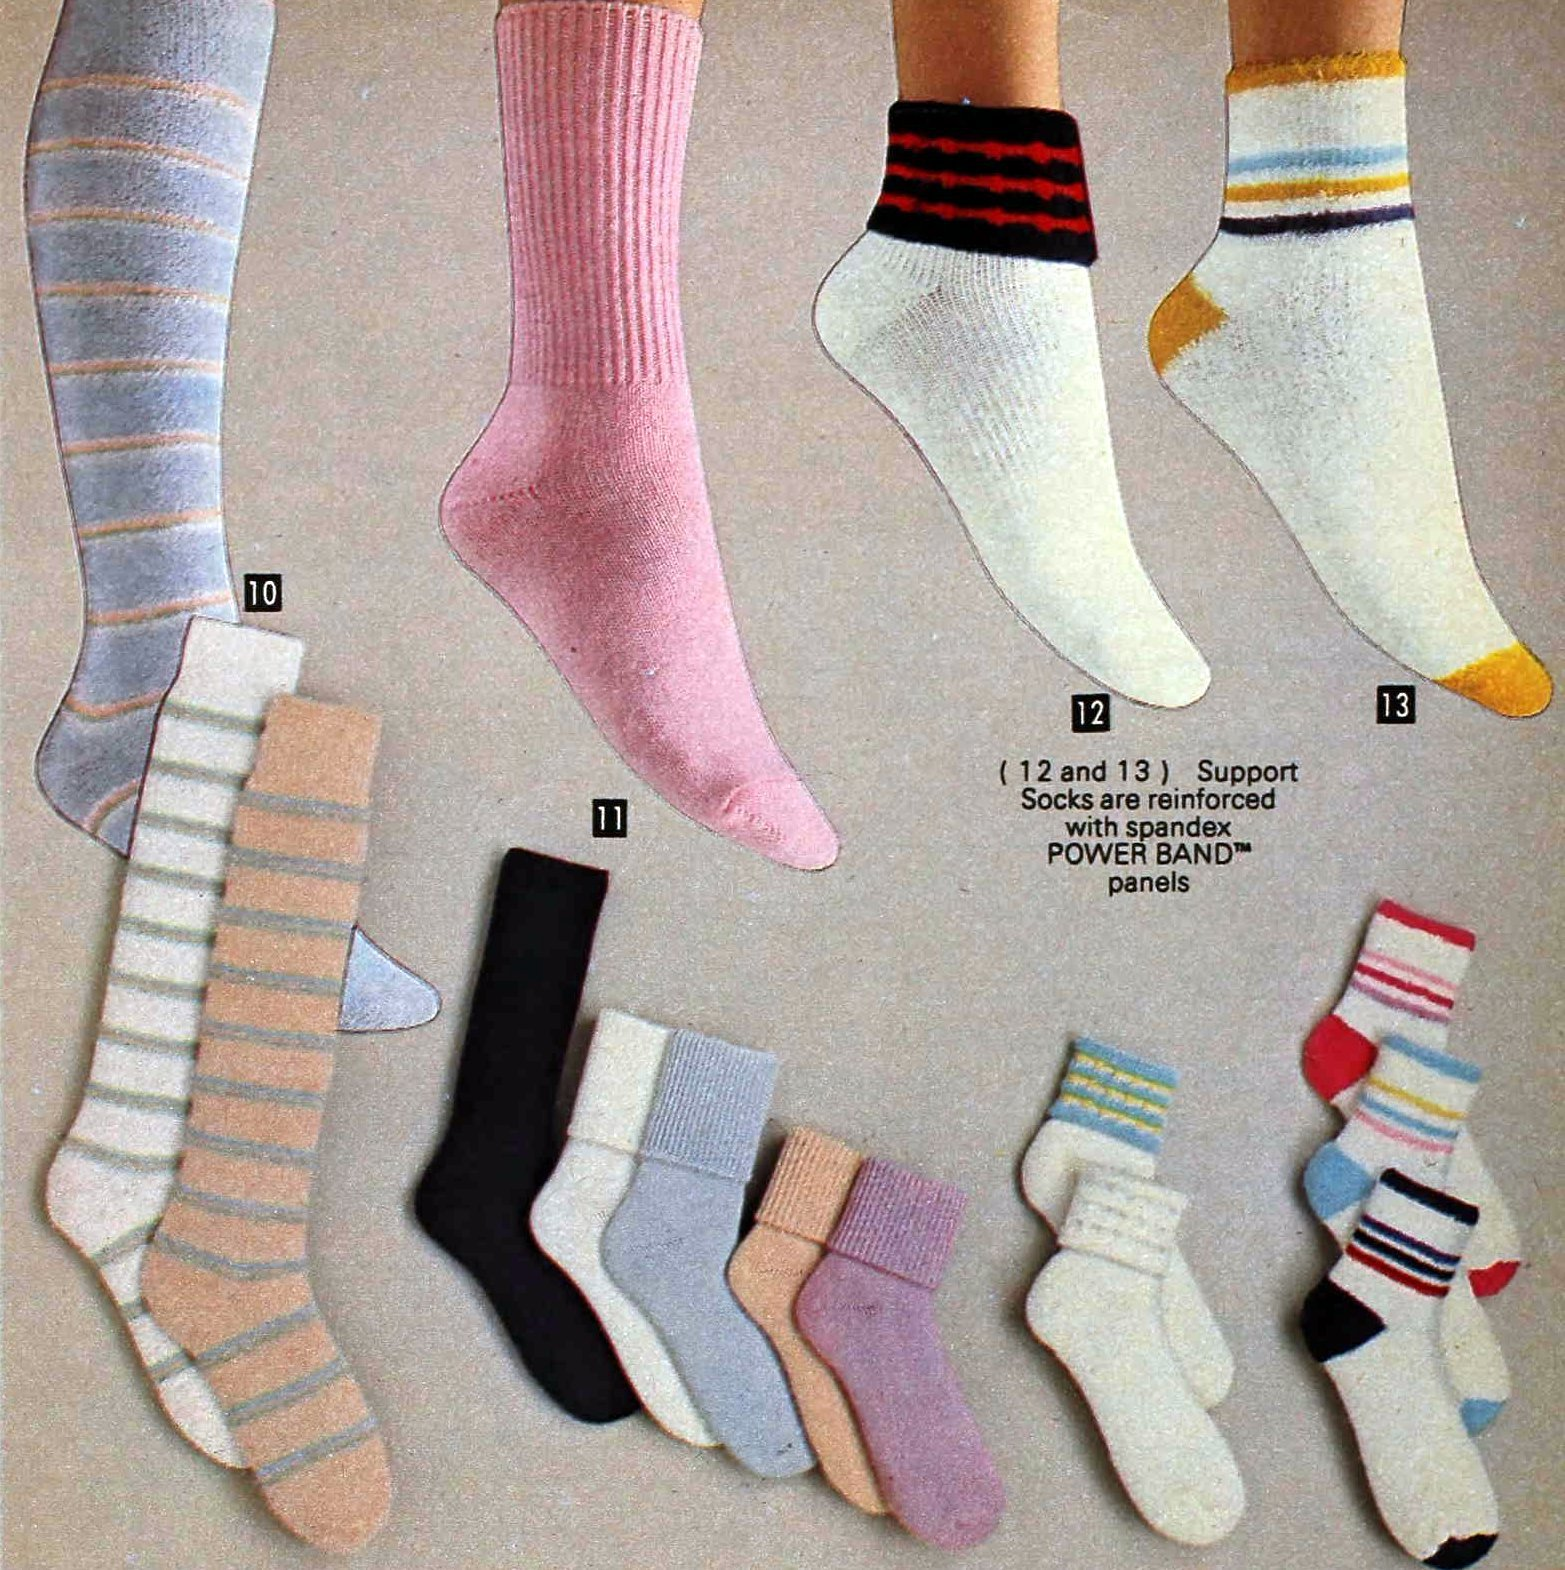 Retro 80s socks for girls from 1982